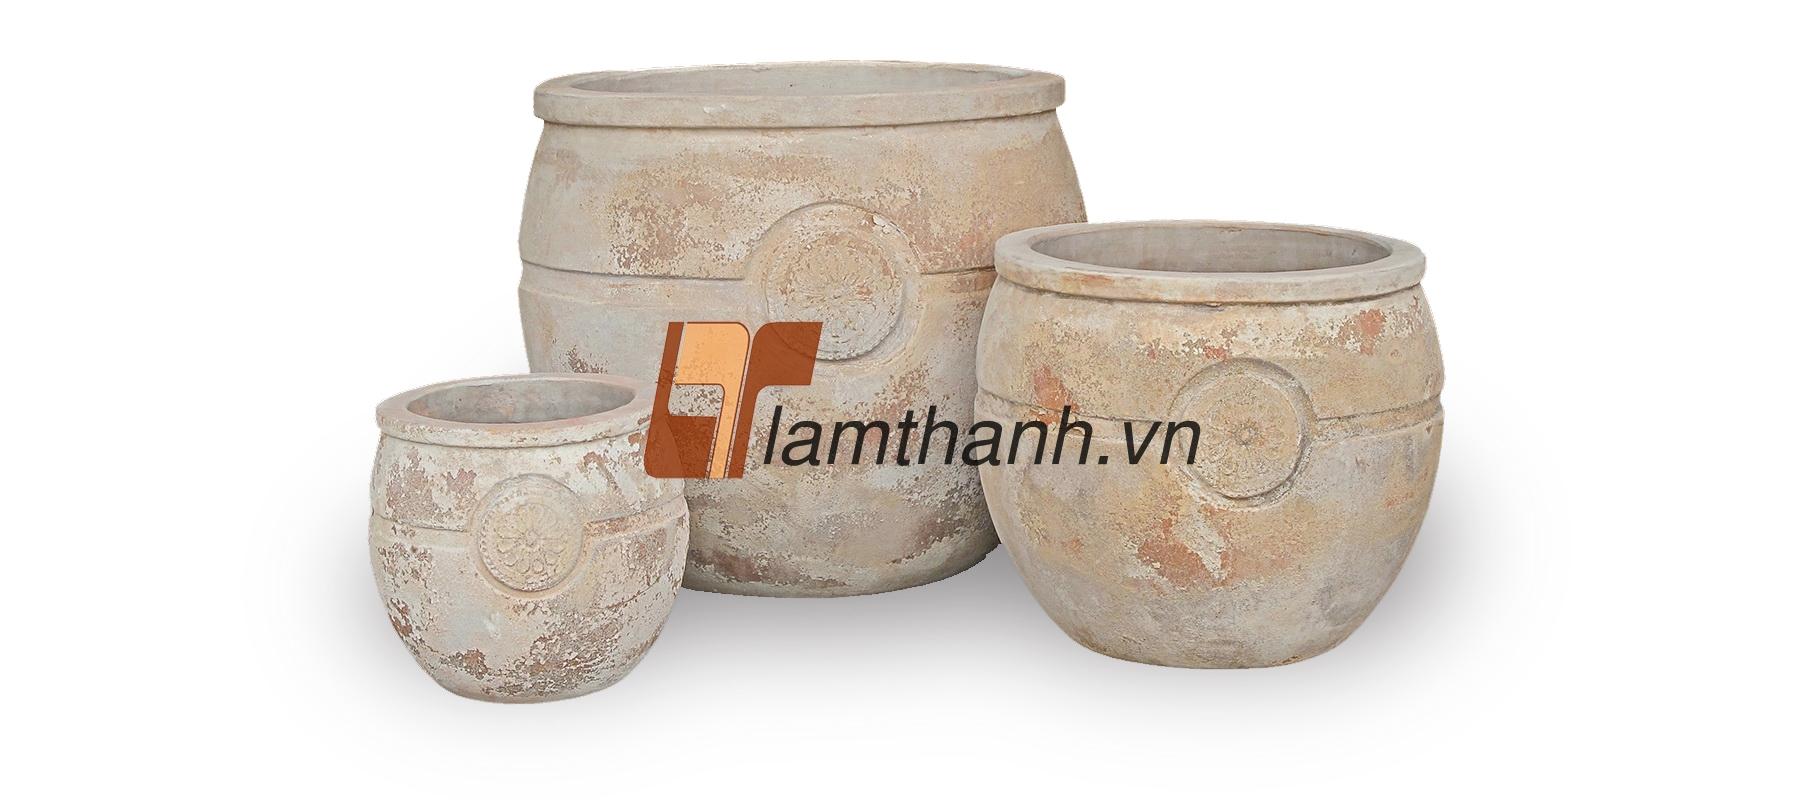 vietnam terracotta, ceramic 08